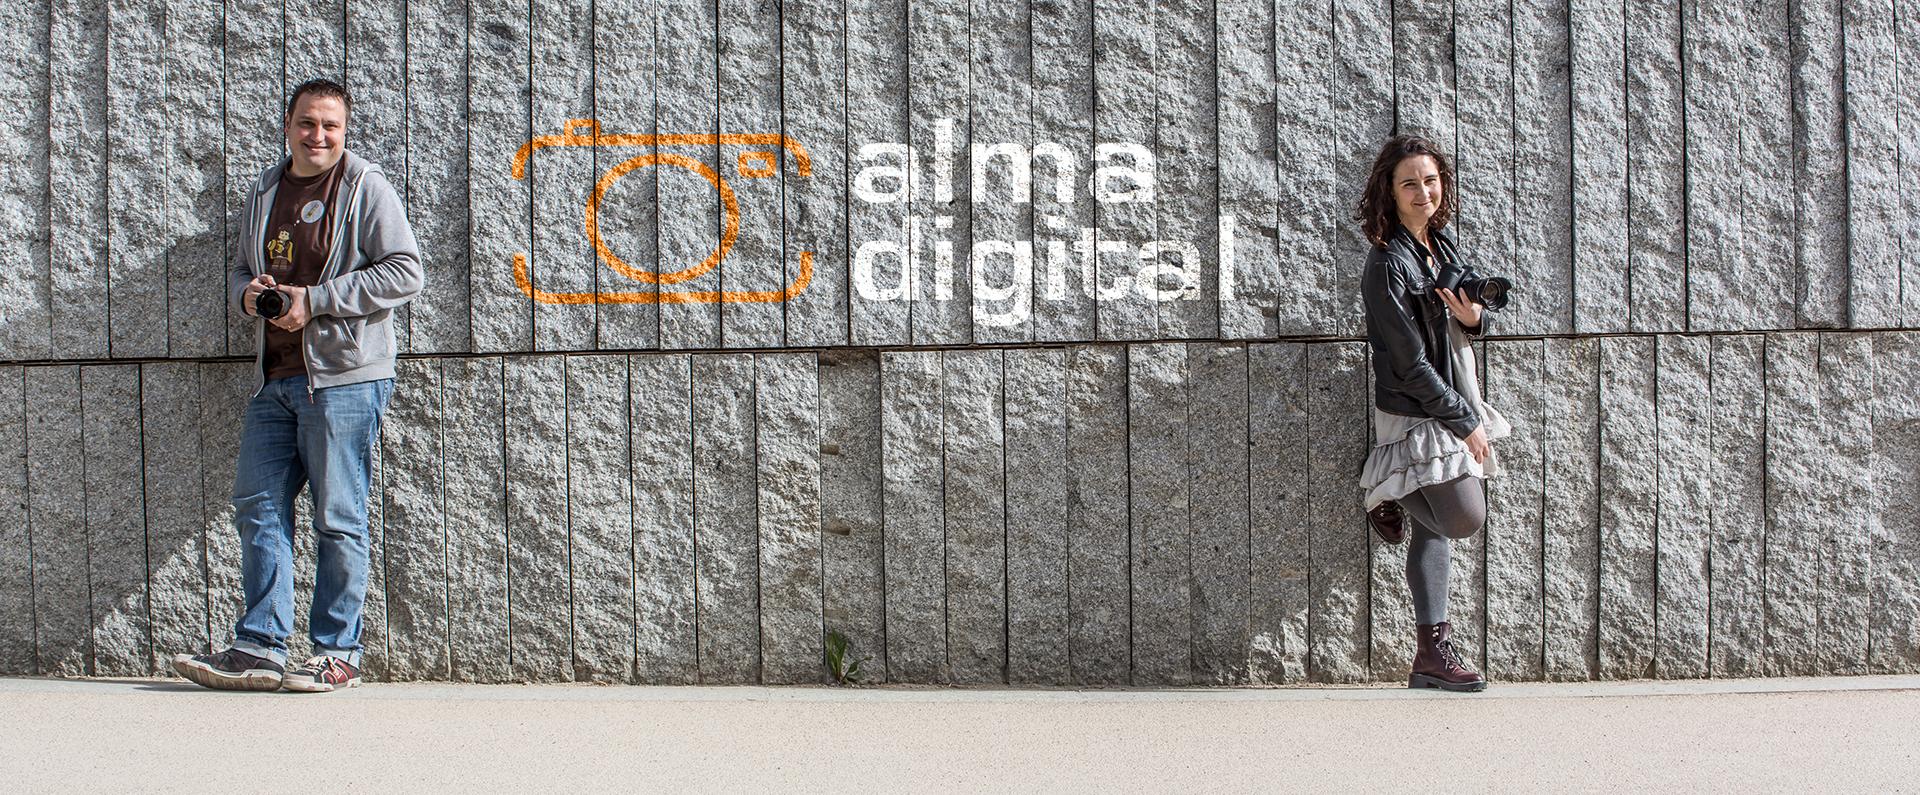 fotografos de alma digital